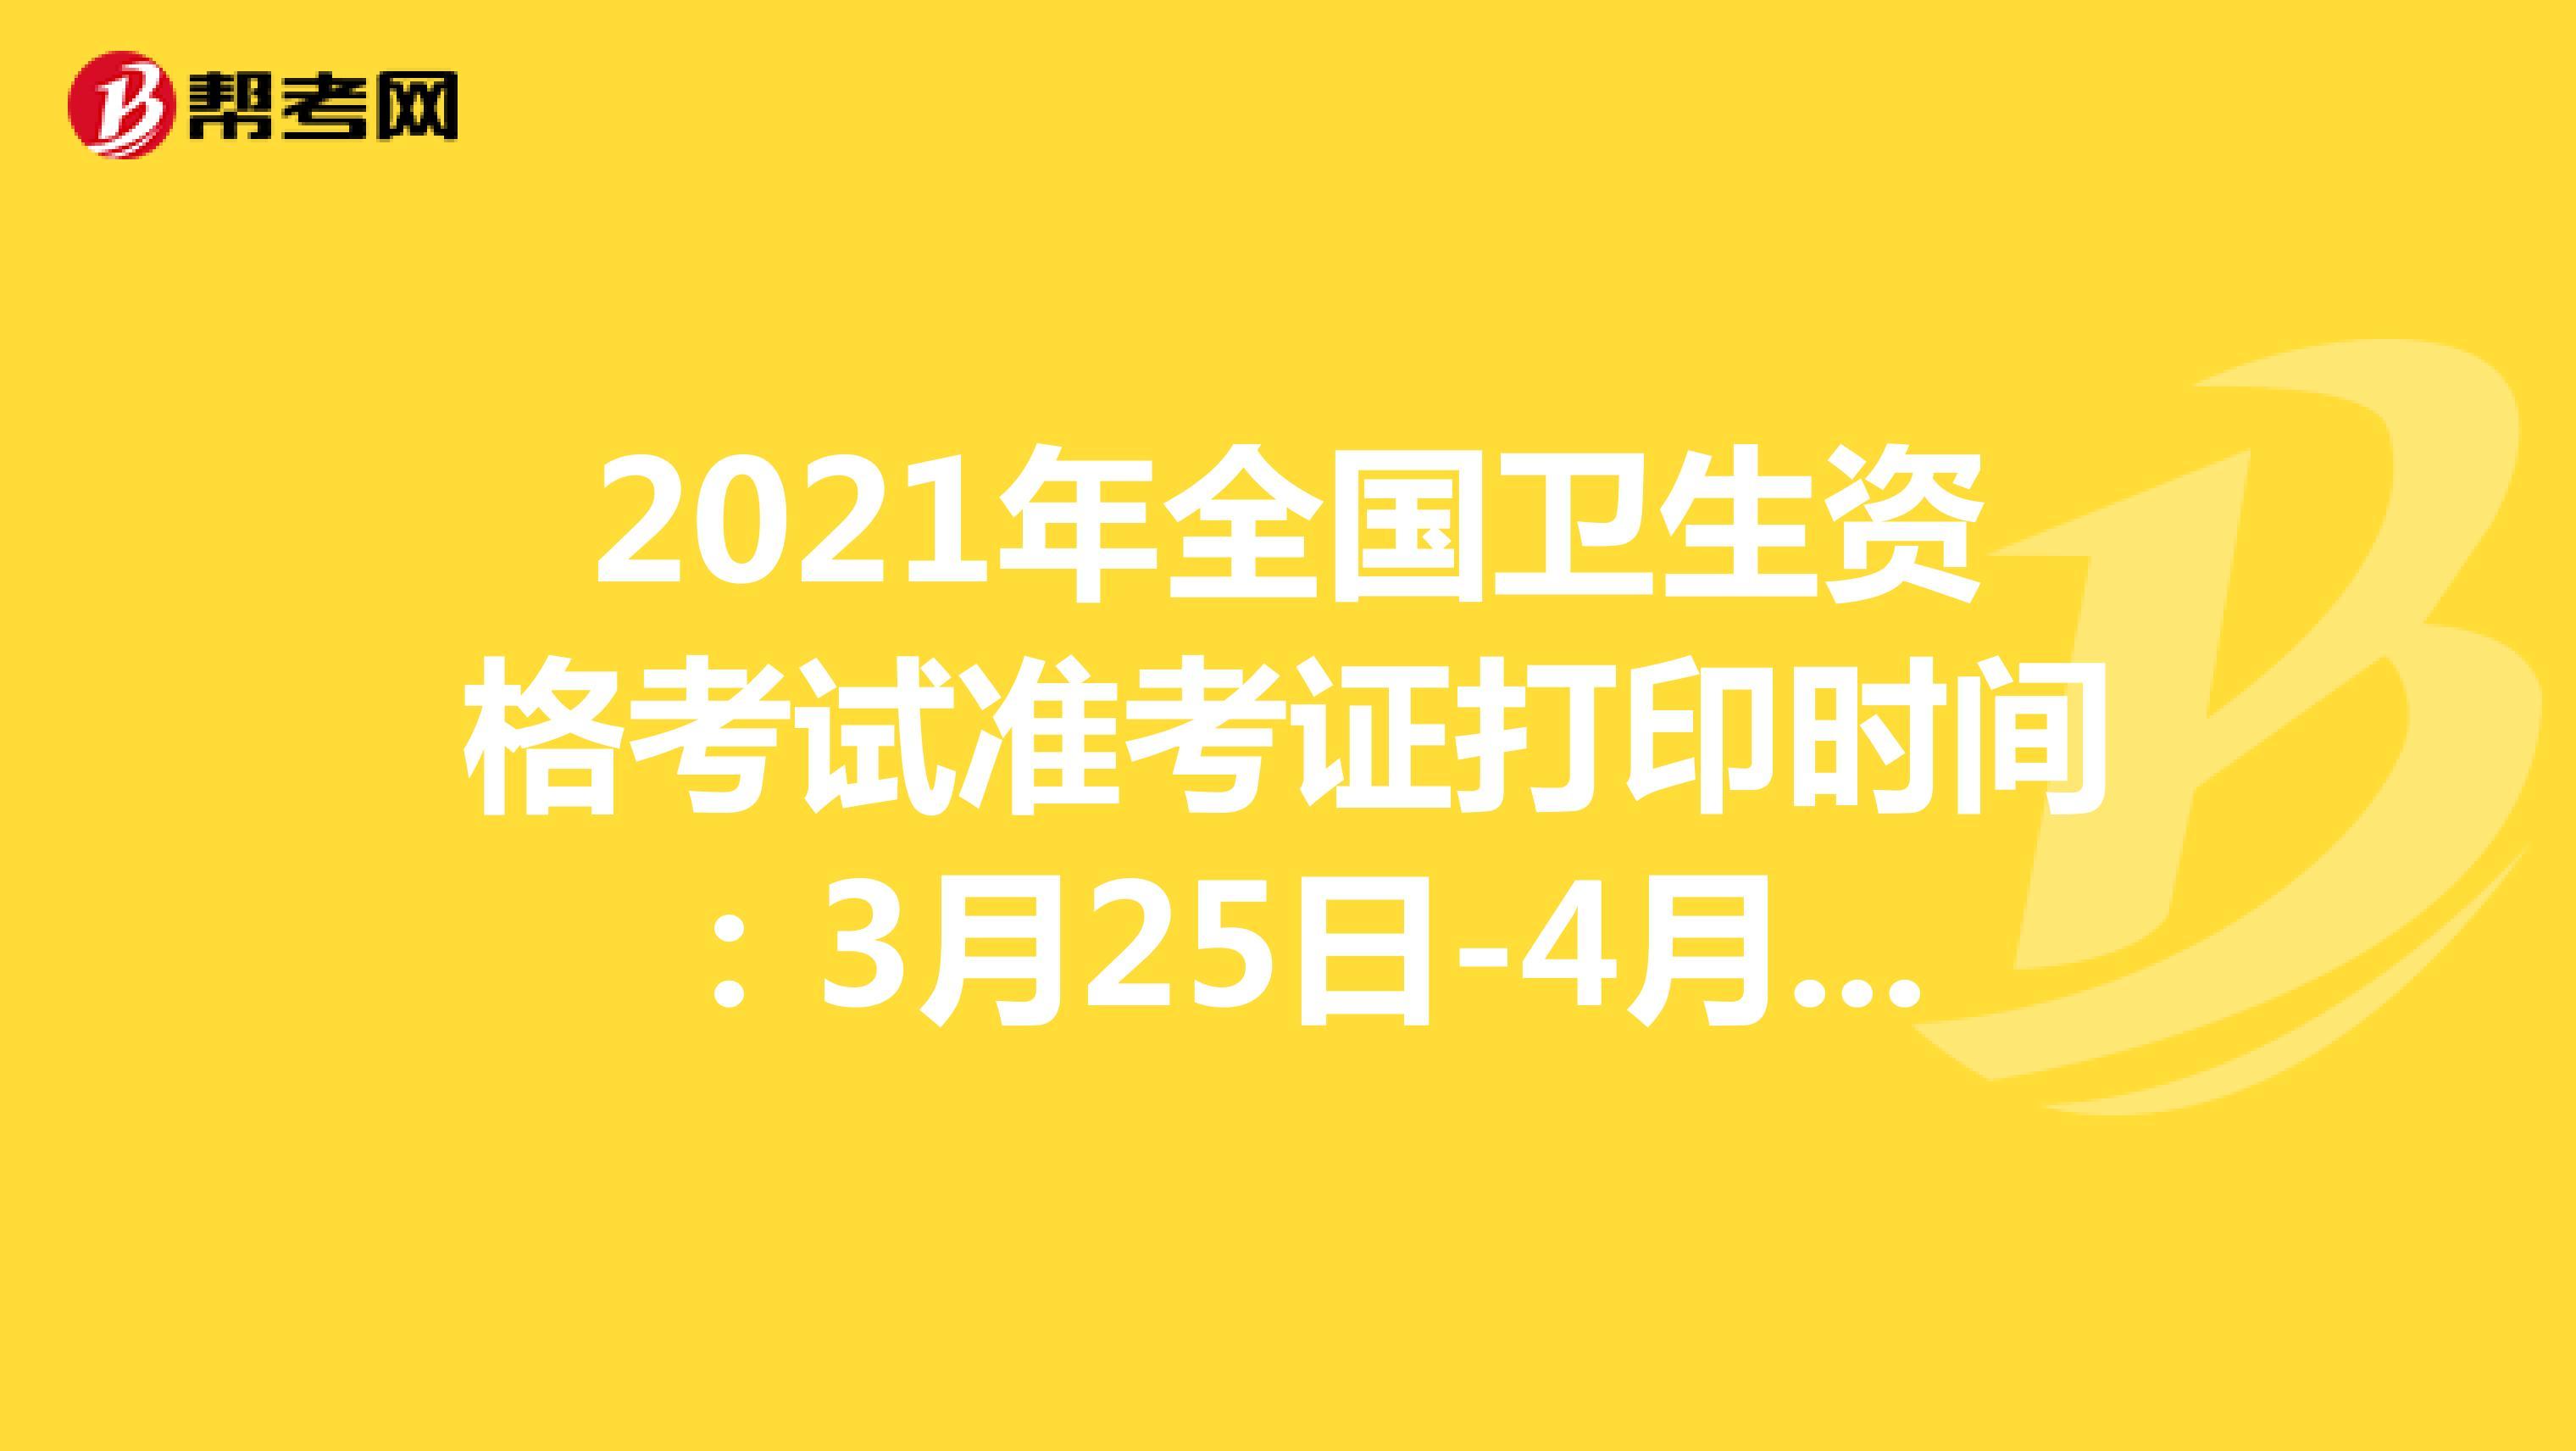 2021年全国卫生资格考试准考证打印时间:3月25日-4月18日